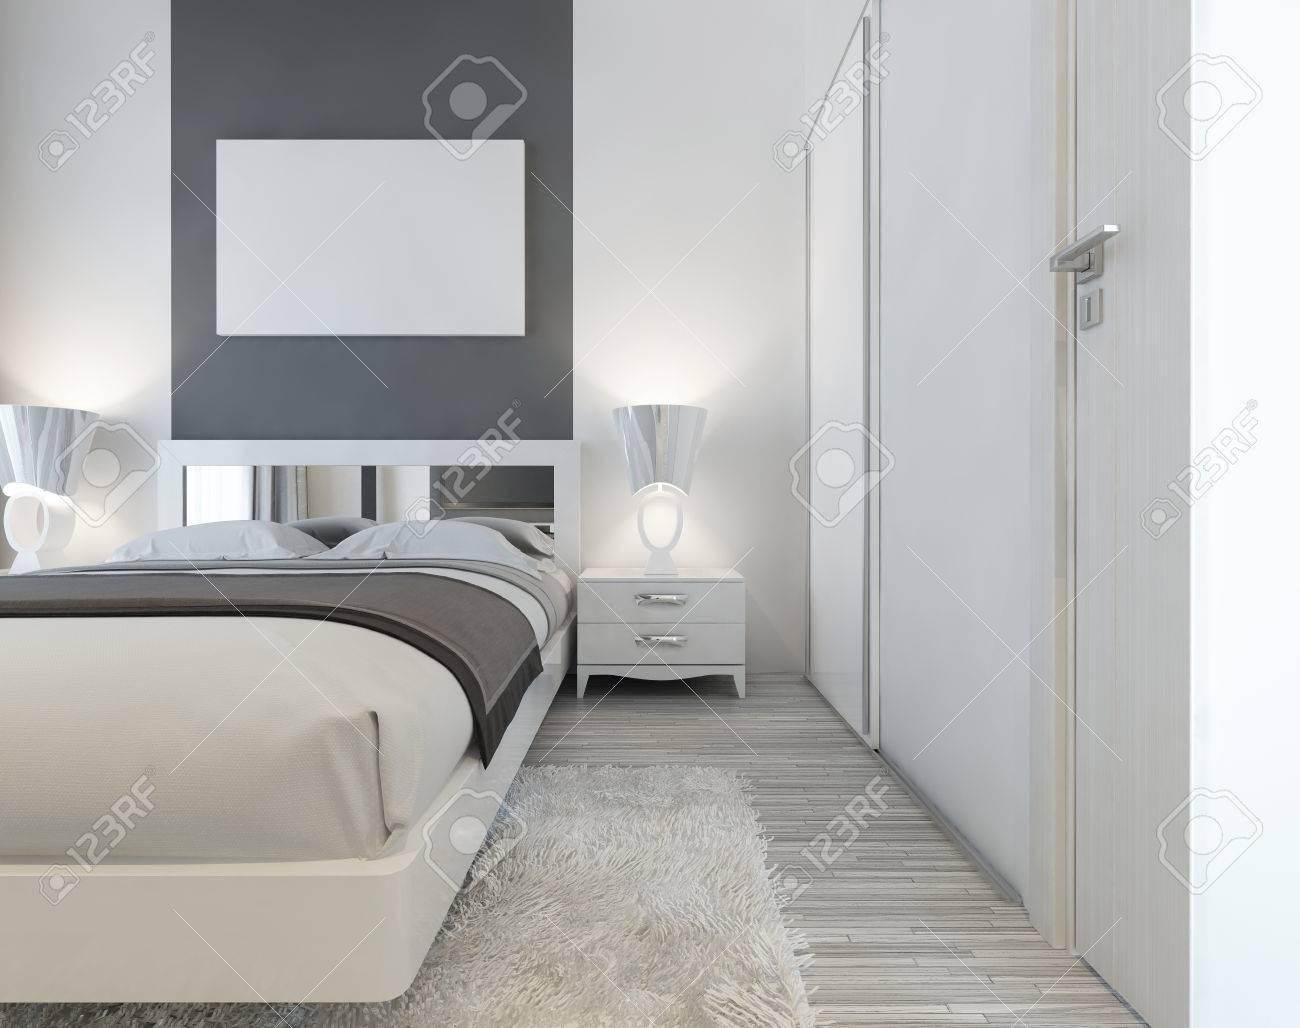 lit moderne avec tete de lit et tables de chevet en miroir avec des lampes pres du lit une grande armoire coulissante et un shaggy tapis blanc